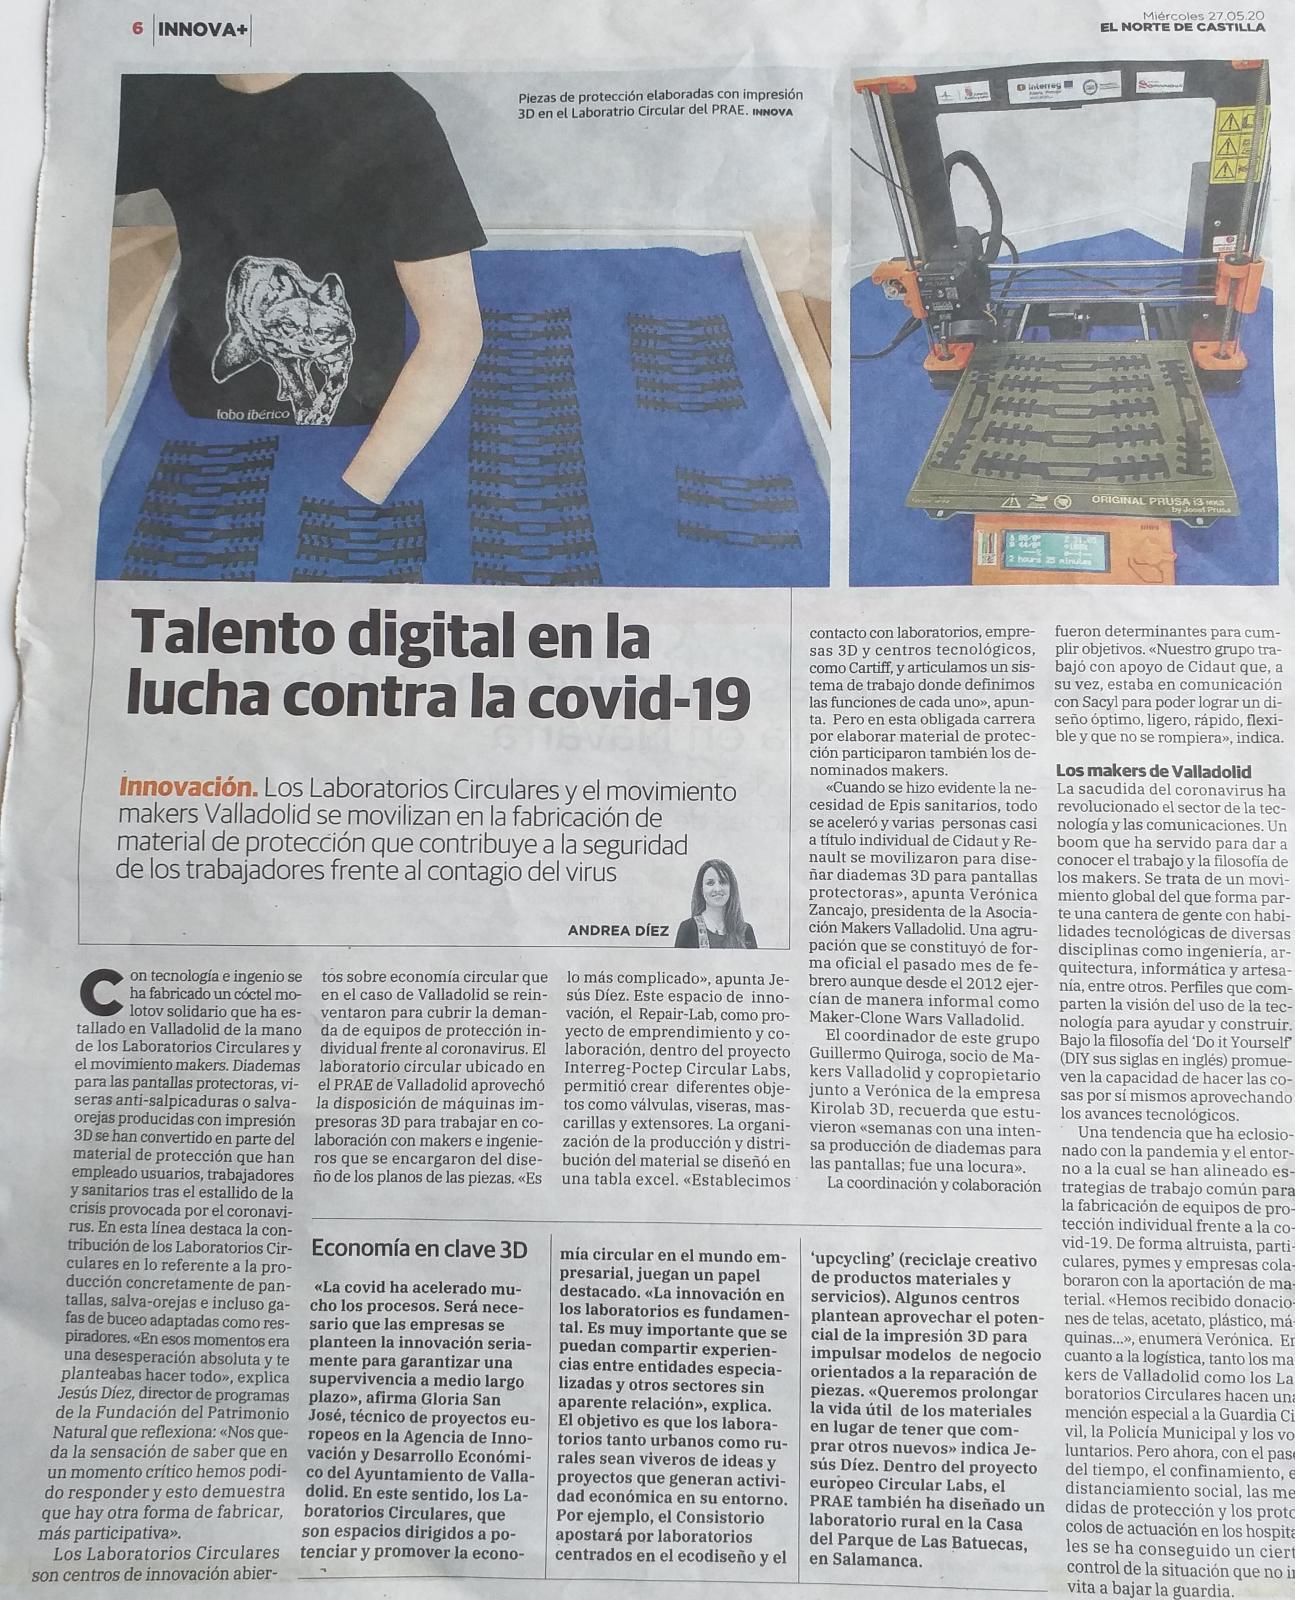 El circular lab del PRAE y el movimiento makers Valladolid en la lucha contra el covid